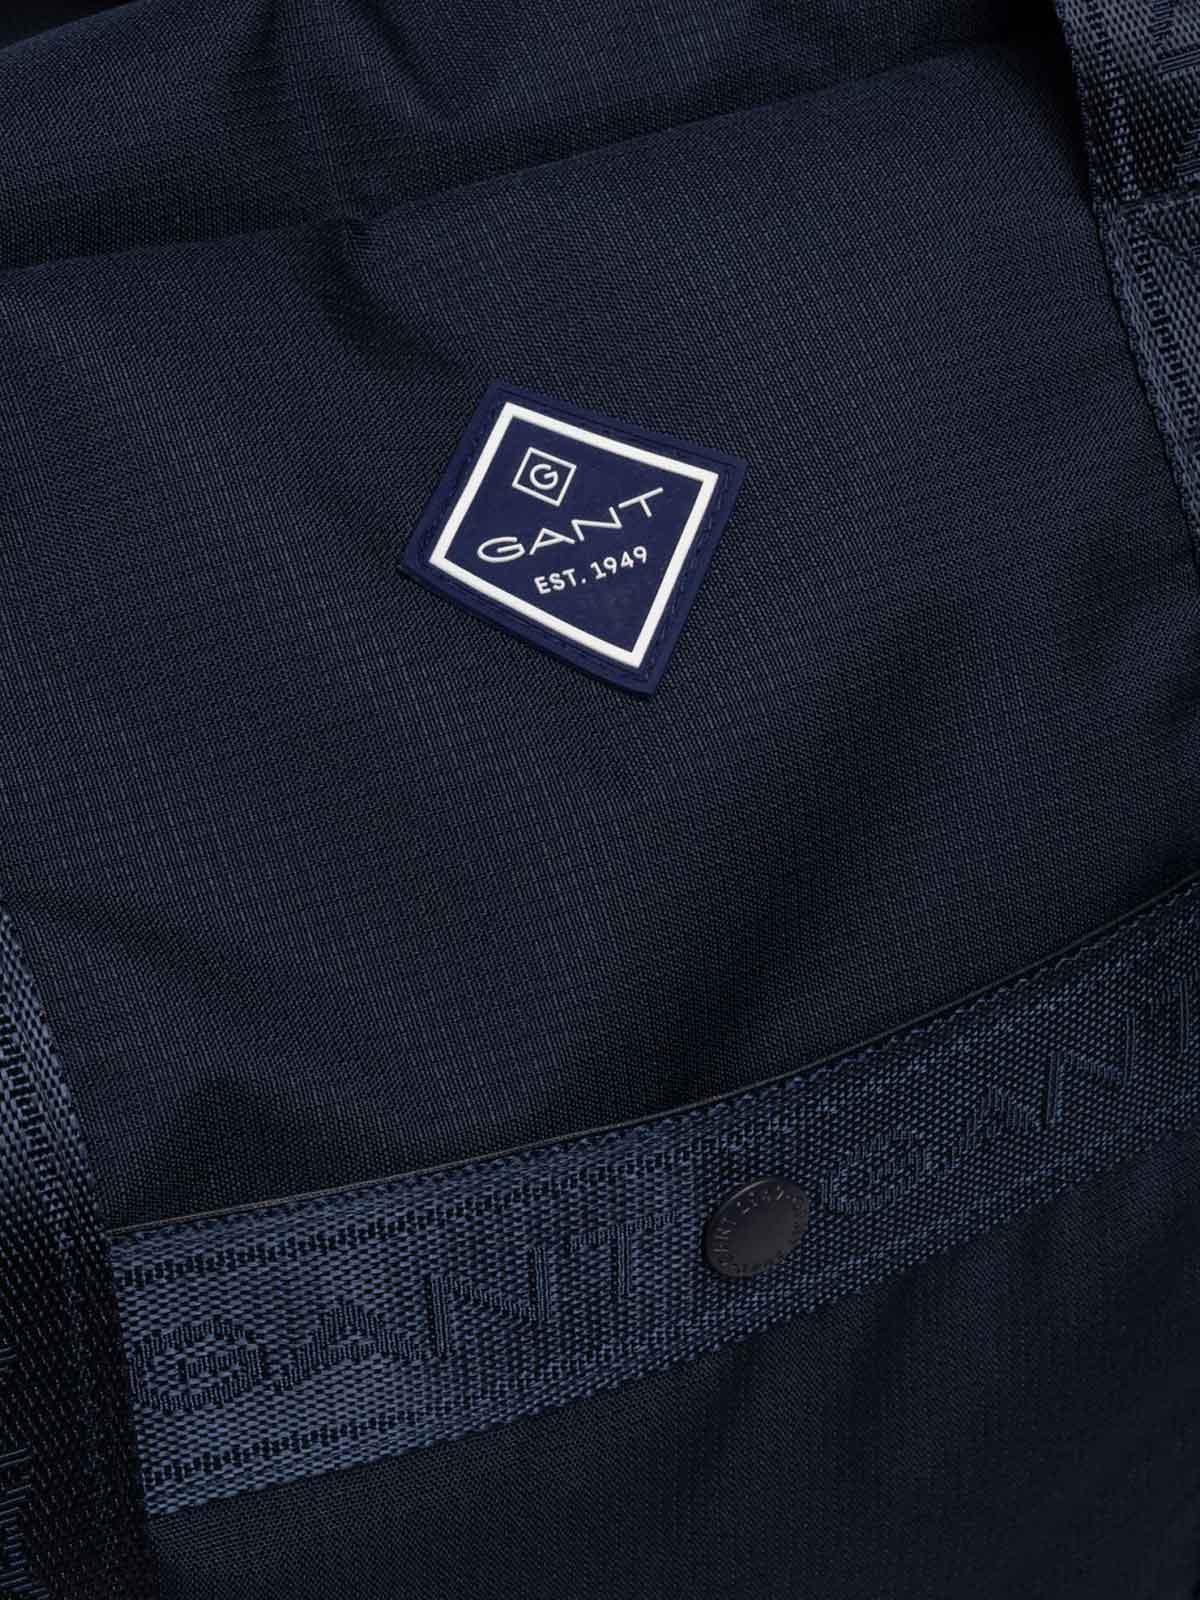 Picture of Gant | Bag D1. Gant Sports Bag